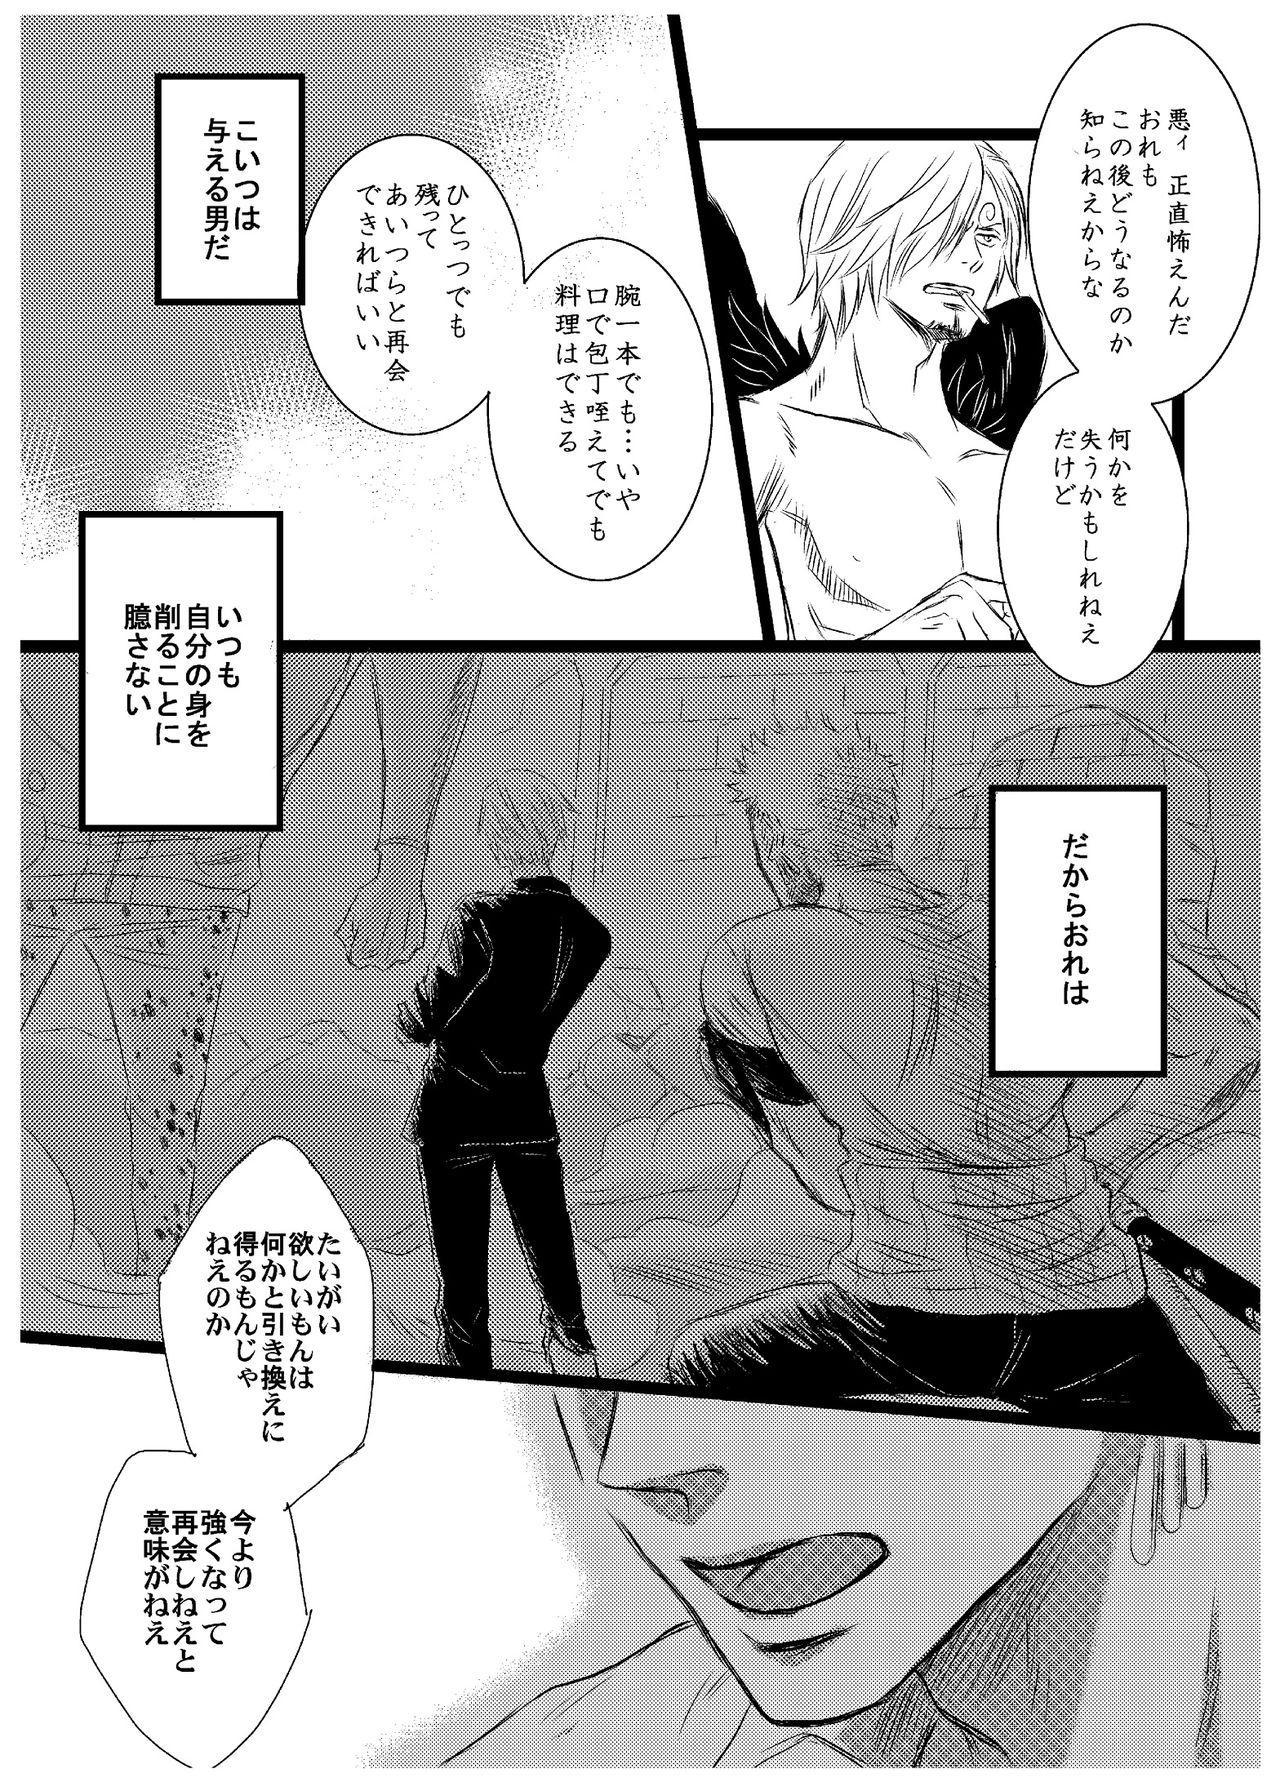 Inryoku de Hanasanai 26